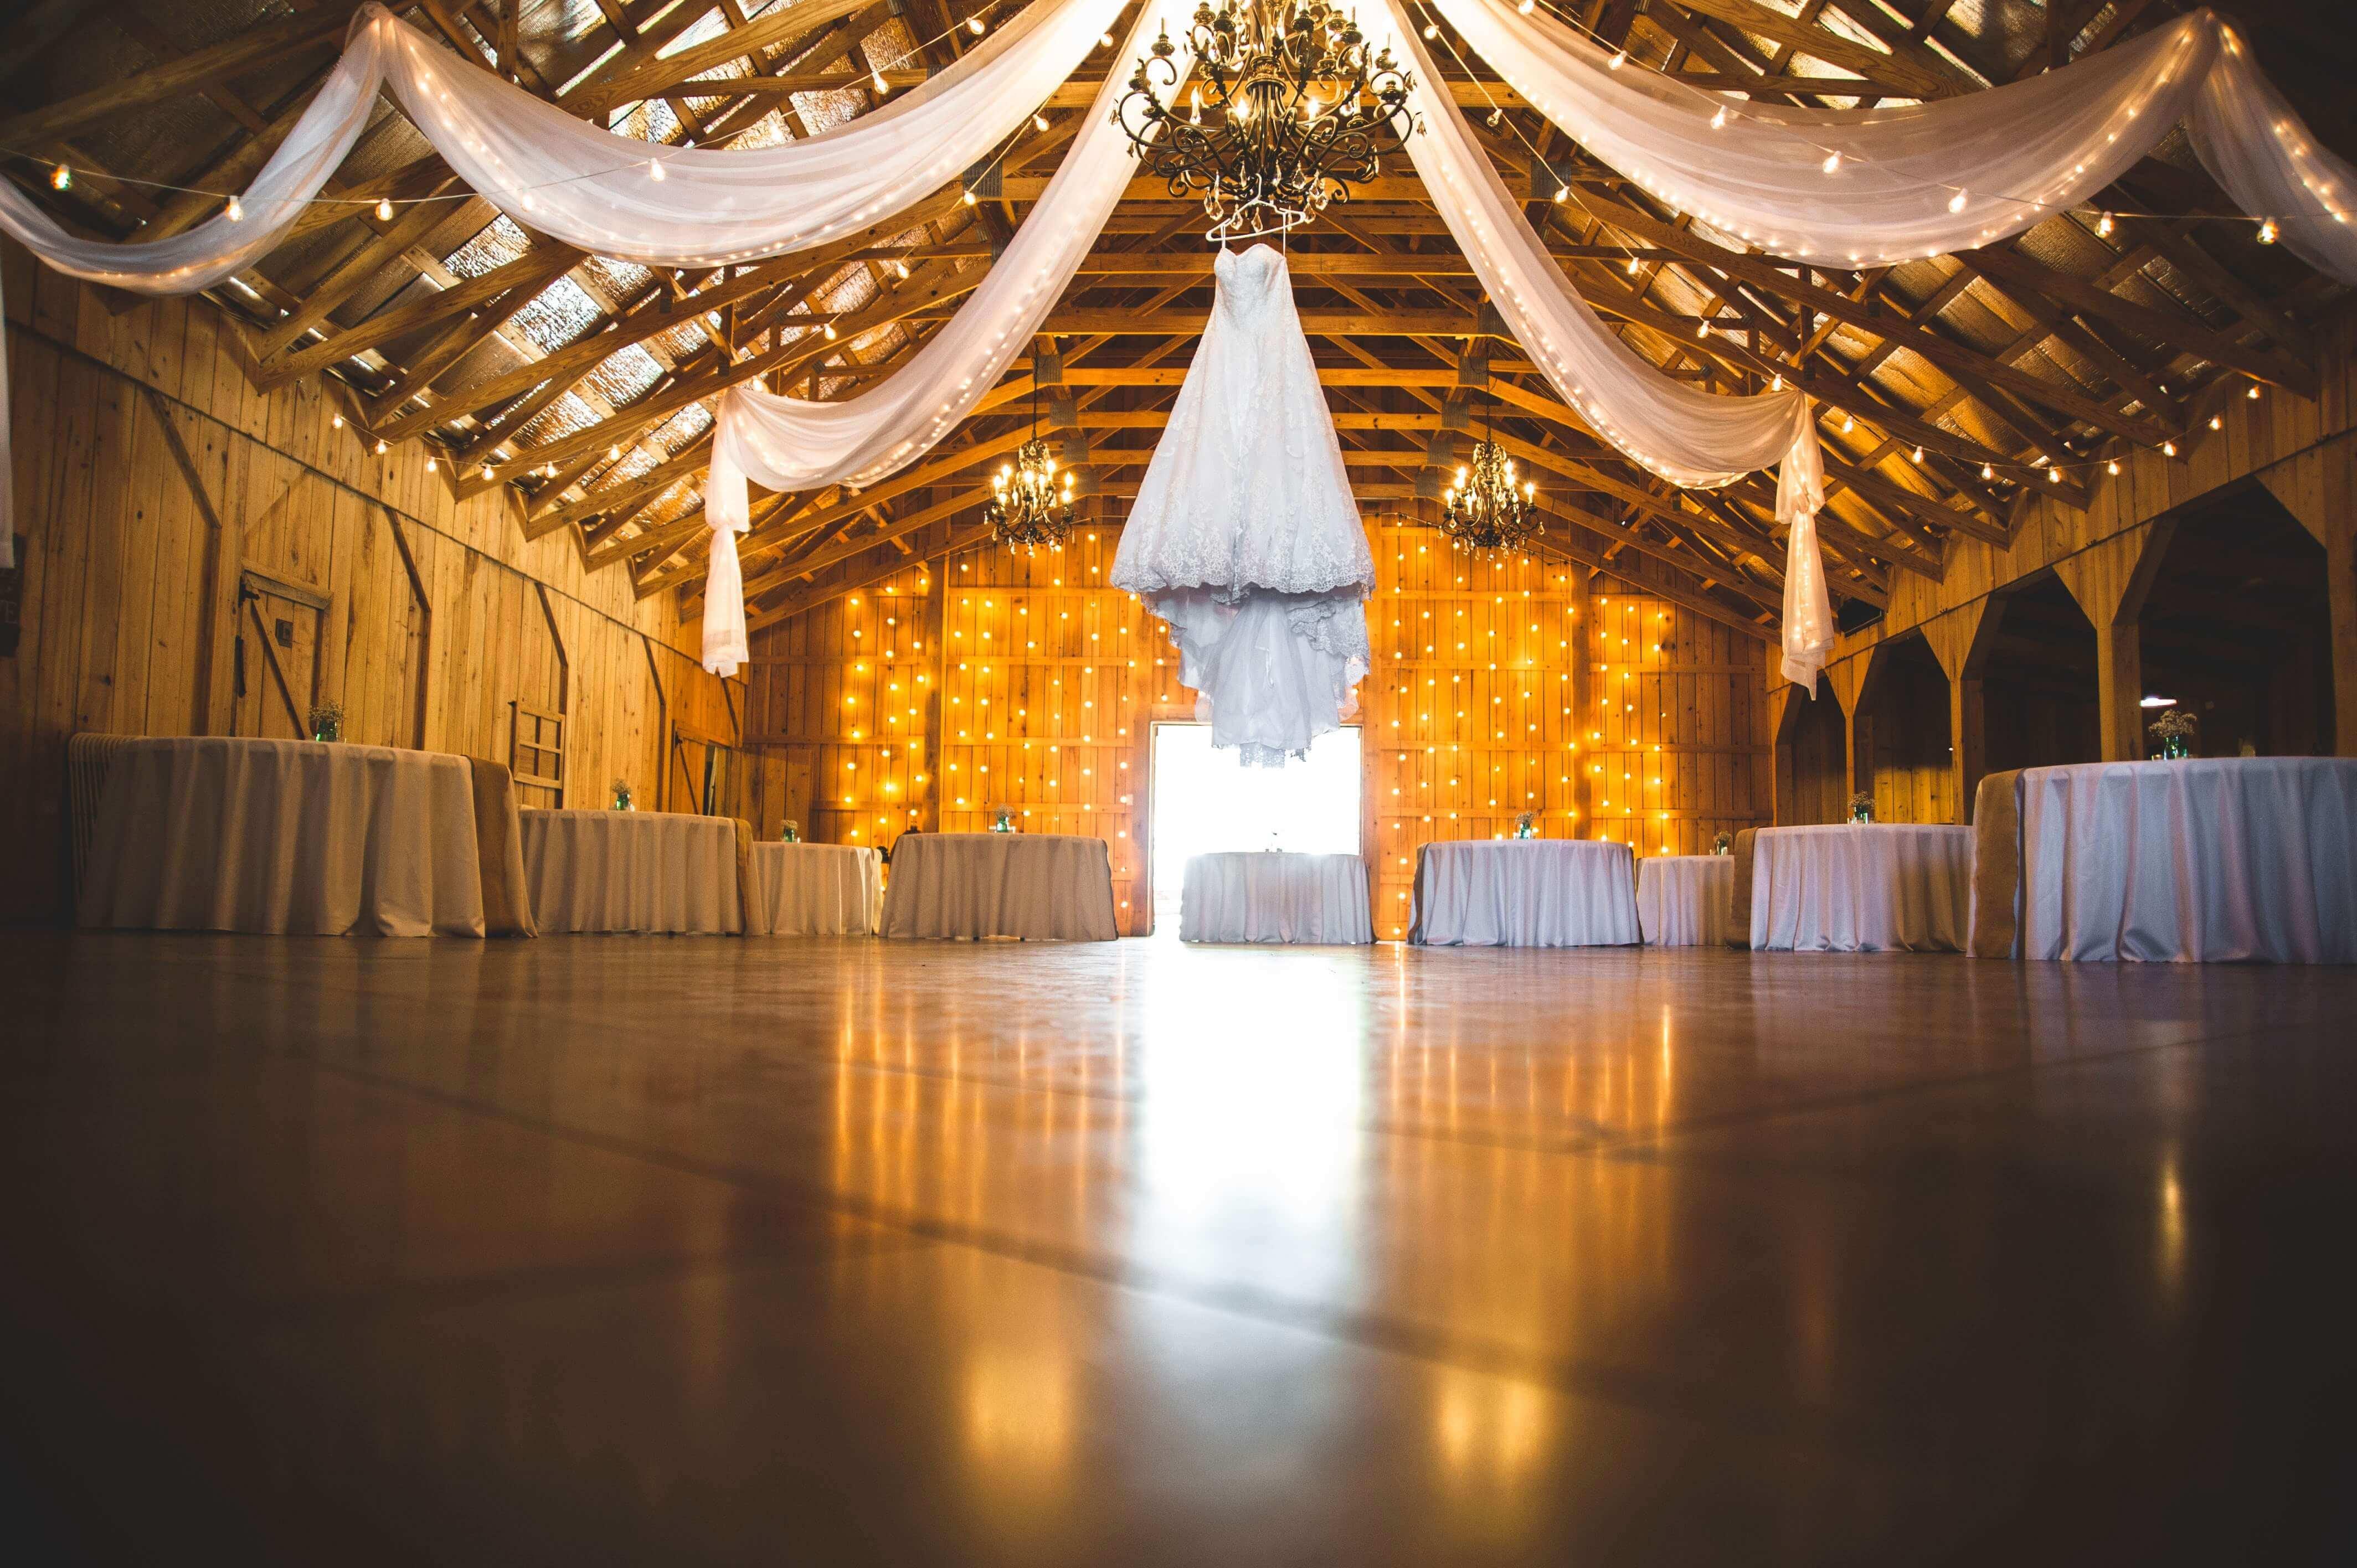 barn conversion wedding venue